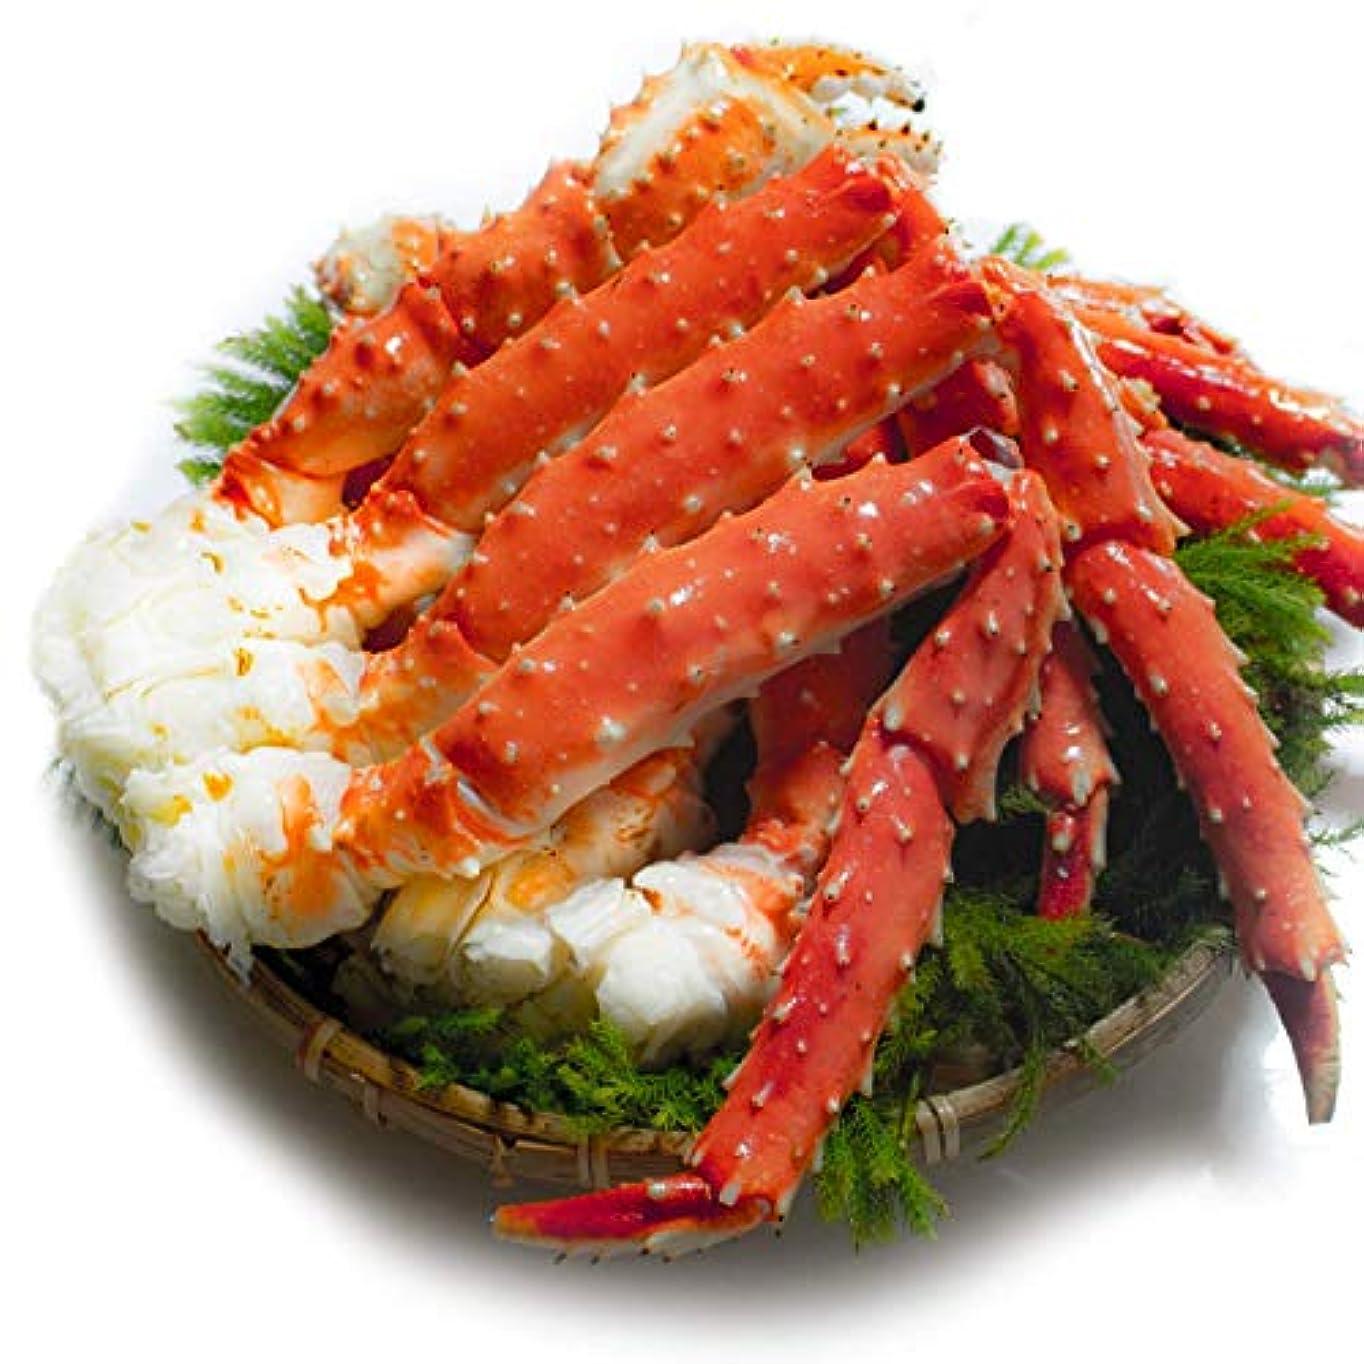 最も遠い背景脇にたらば蟹 足 天然 ボイル タラバガニ 良品選別済 ギフトパック 特大 蟹 かに (800g:800g1肩)